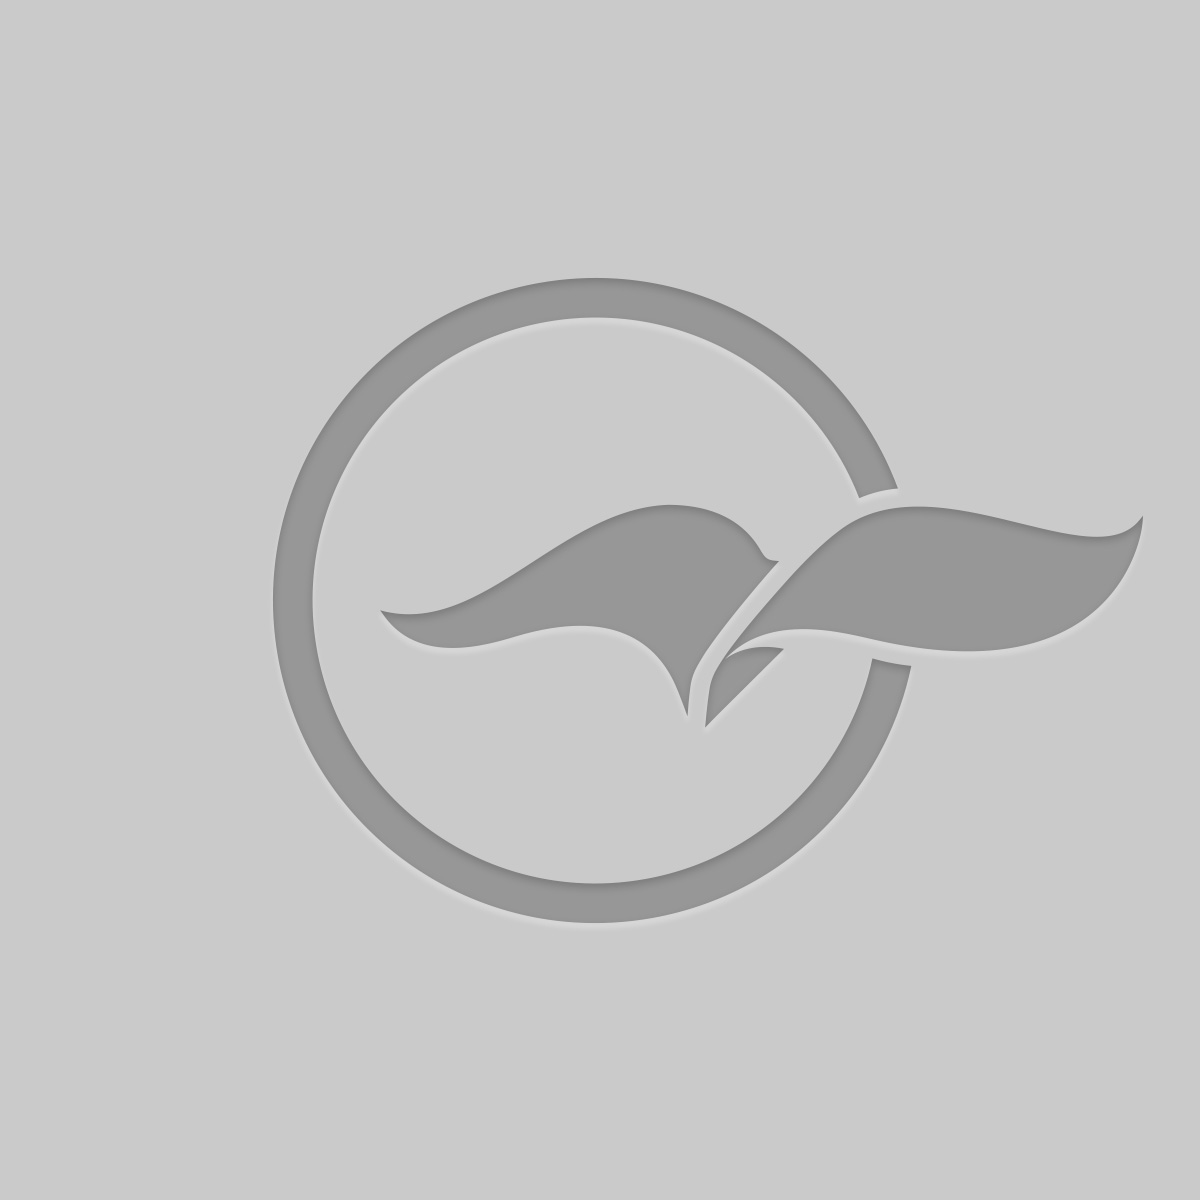 ബാങ്ക് തട്ടിപ്പ്: െജ.പി.സി അന്വേഷണത്തിന് സമ്മർദം